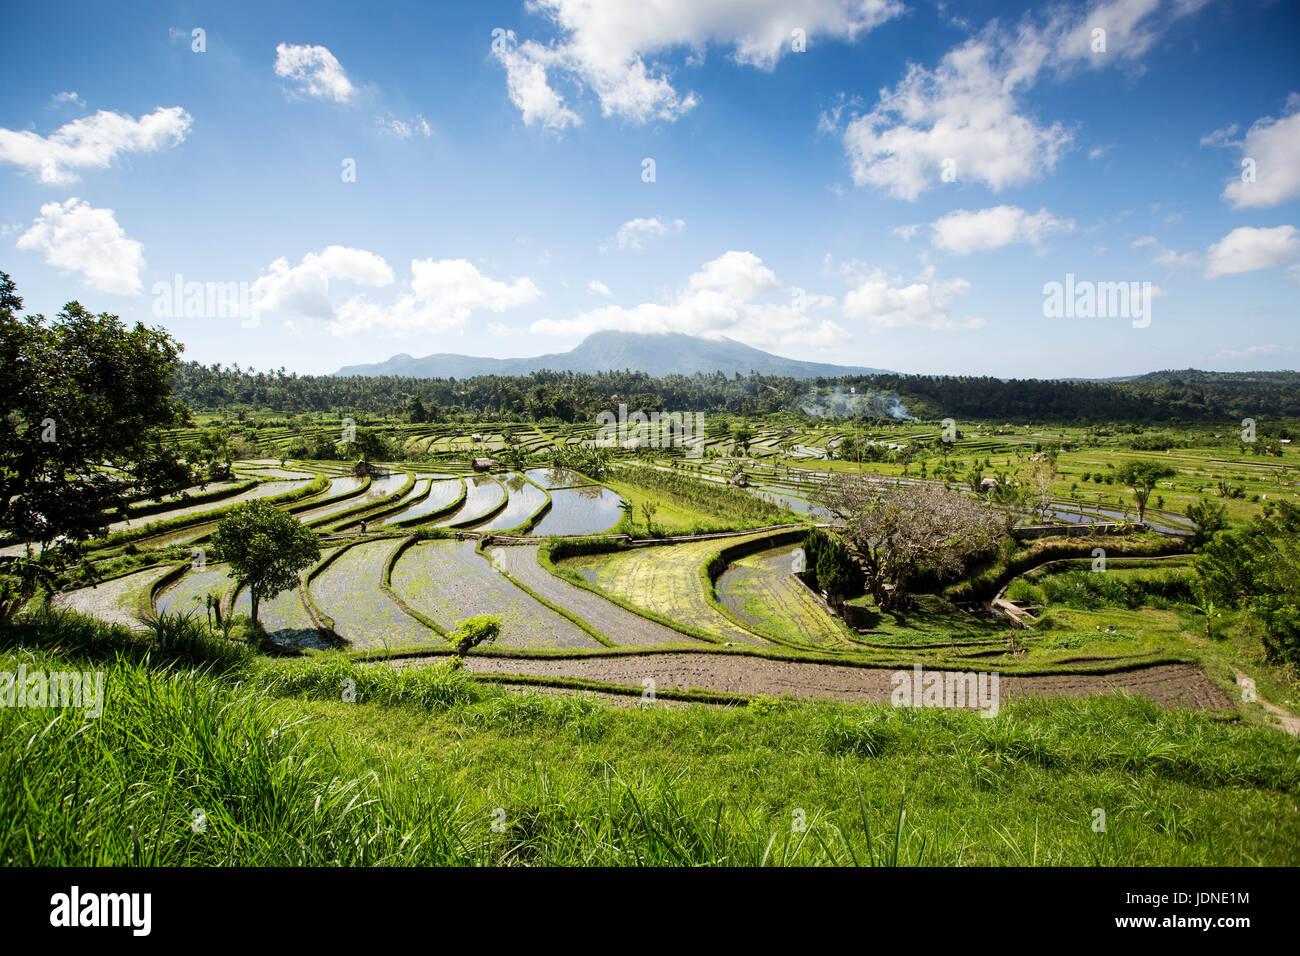 Terrazas de arroz en el norte de Bali, cerca de Ubud, con monte Agung en segundo plano. Foto de stock